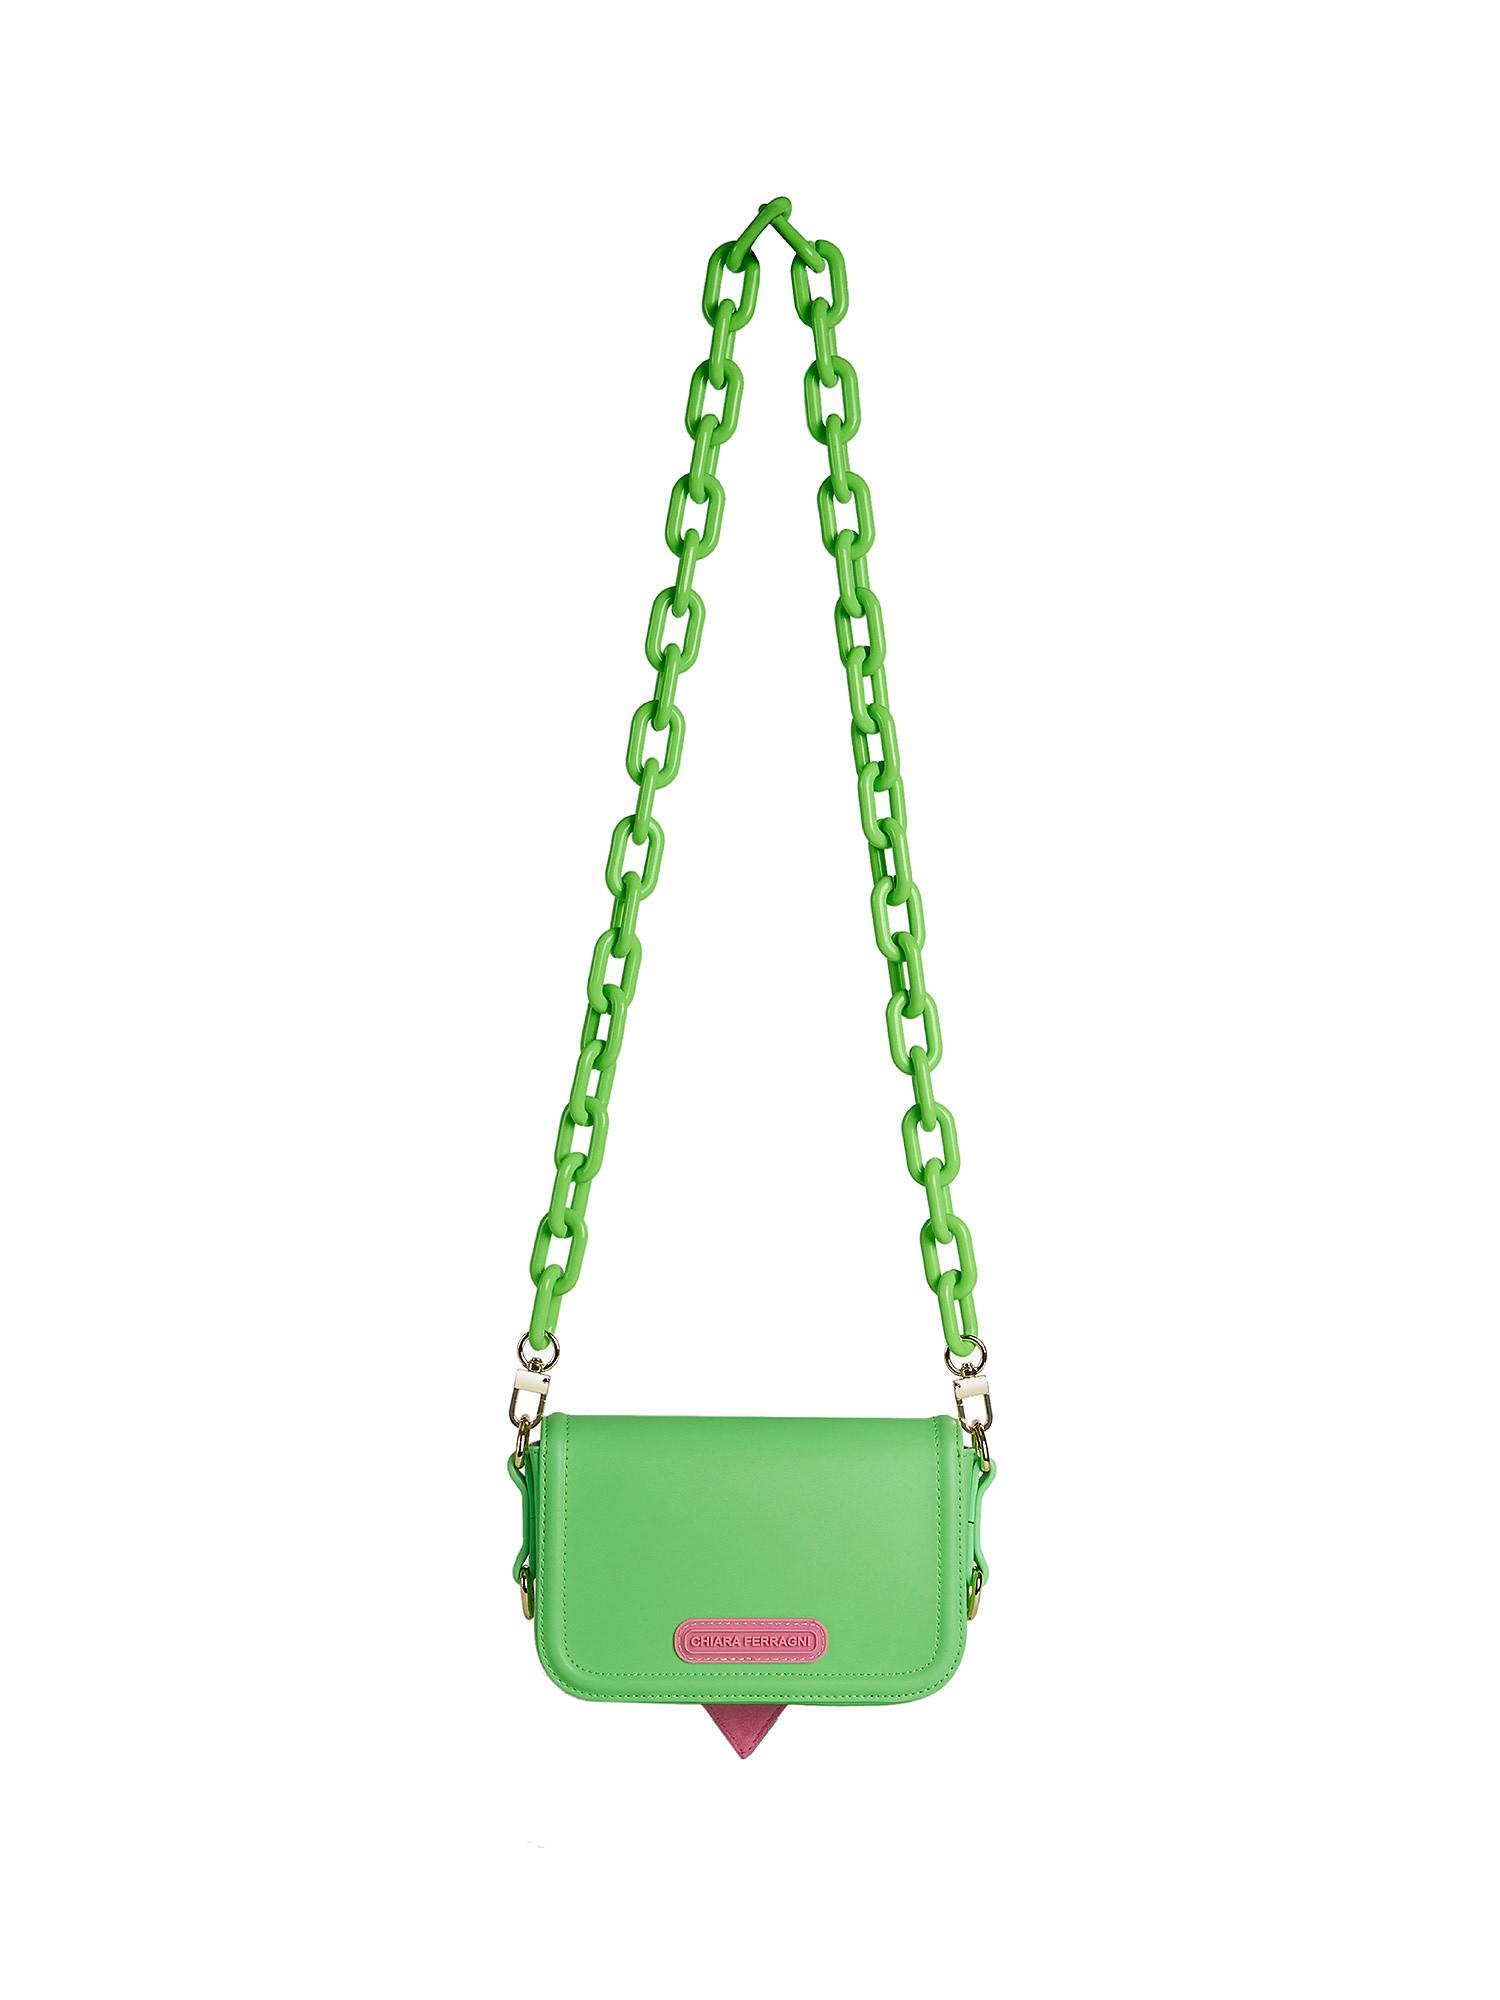 Small Eyelike Bag, Verde, large image number 1